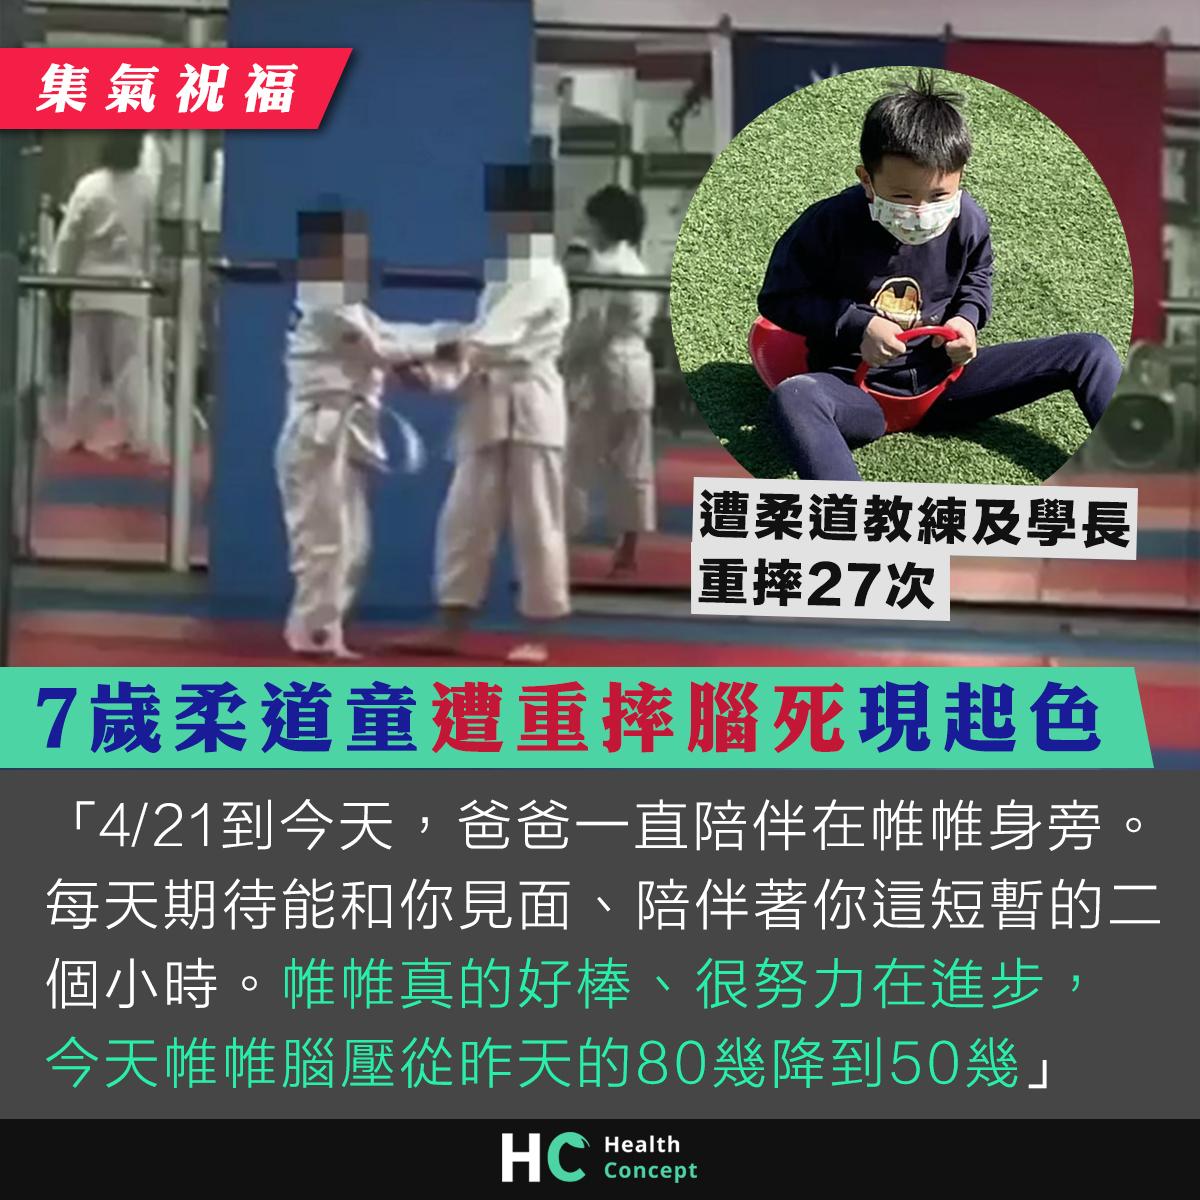 7歲柔道童遭重摔腦死現起色